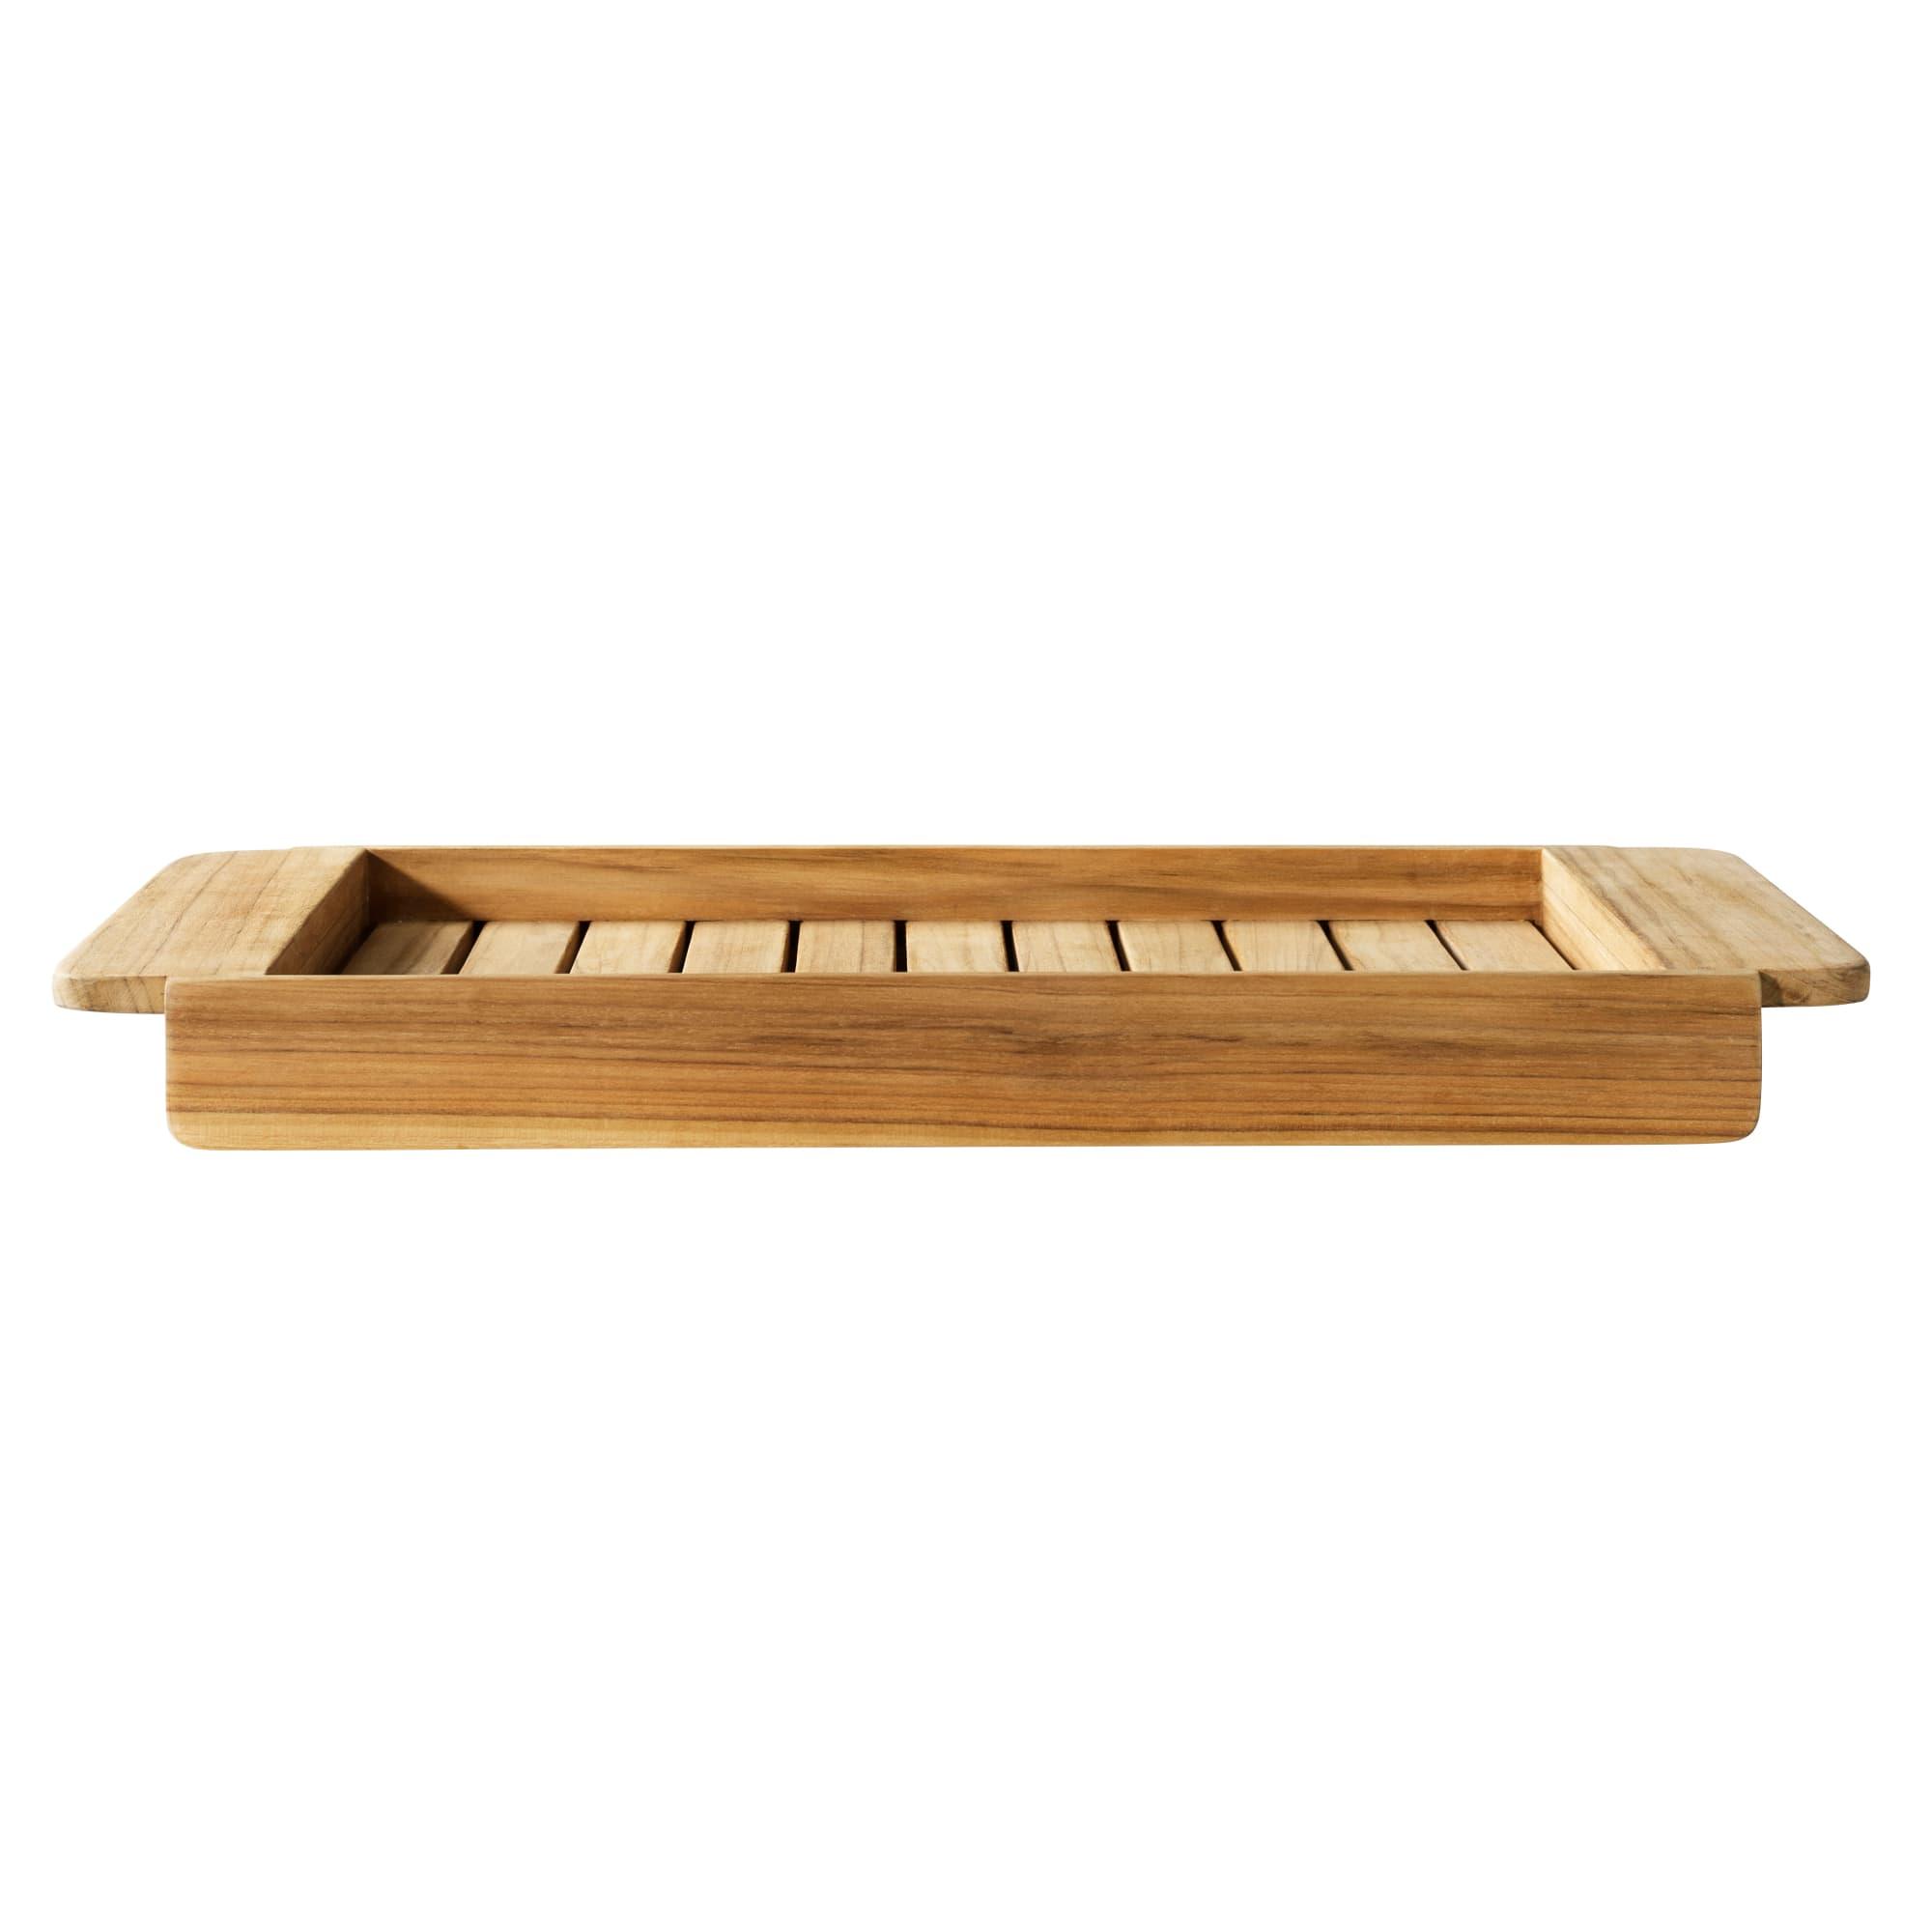 FDB Møbler - Kan bruges som serveringsbakke, side- eller samlingsbord